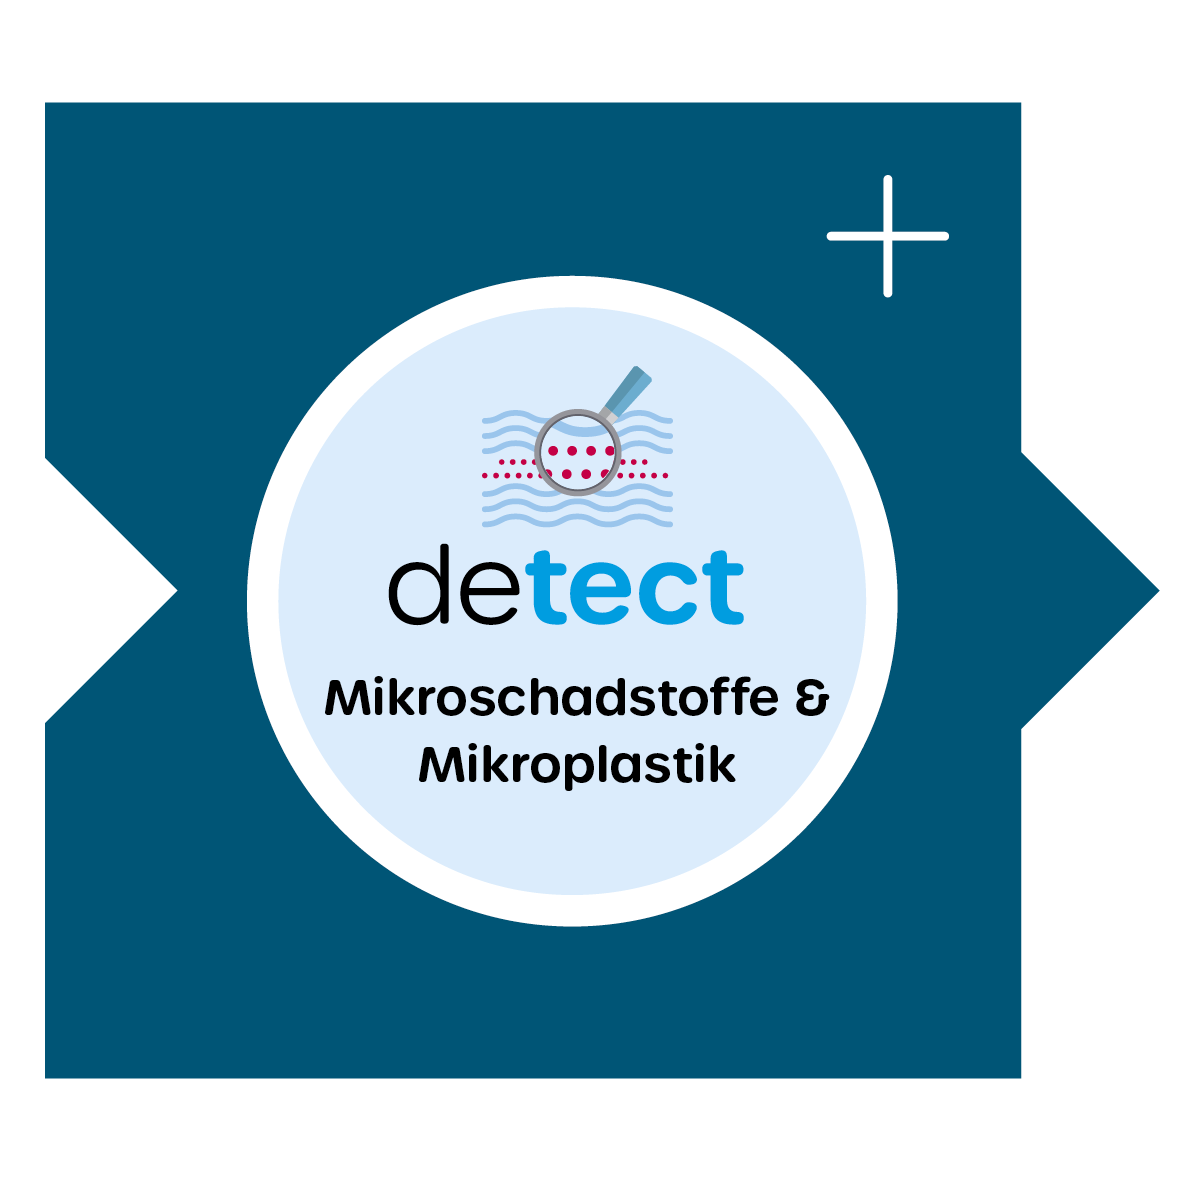 Mikroplastik und Mikroschadstoffe detektieren